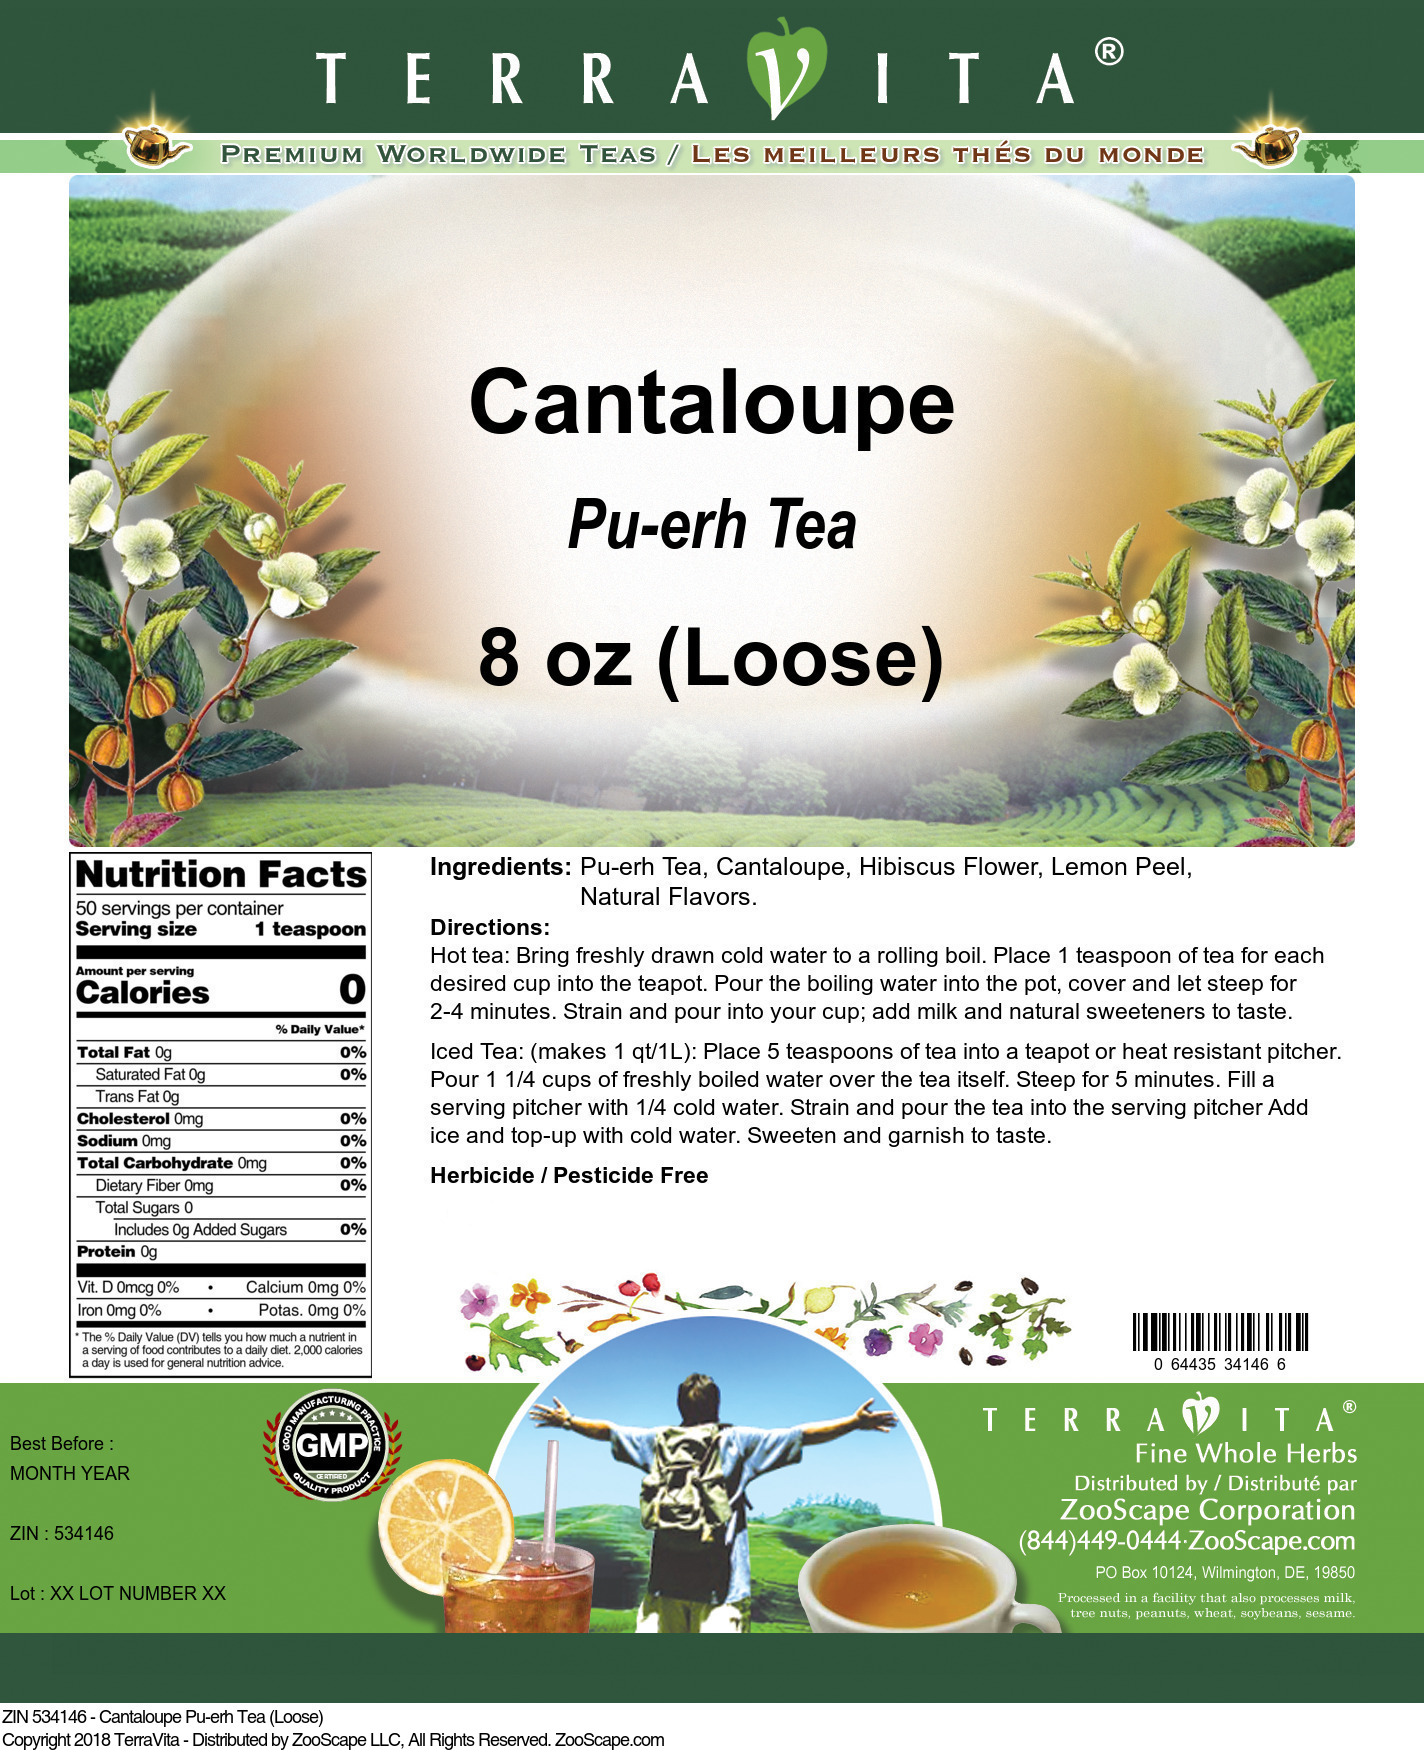 Cantaloupe Pu-erh Tea (Loose)